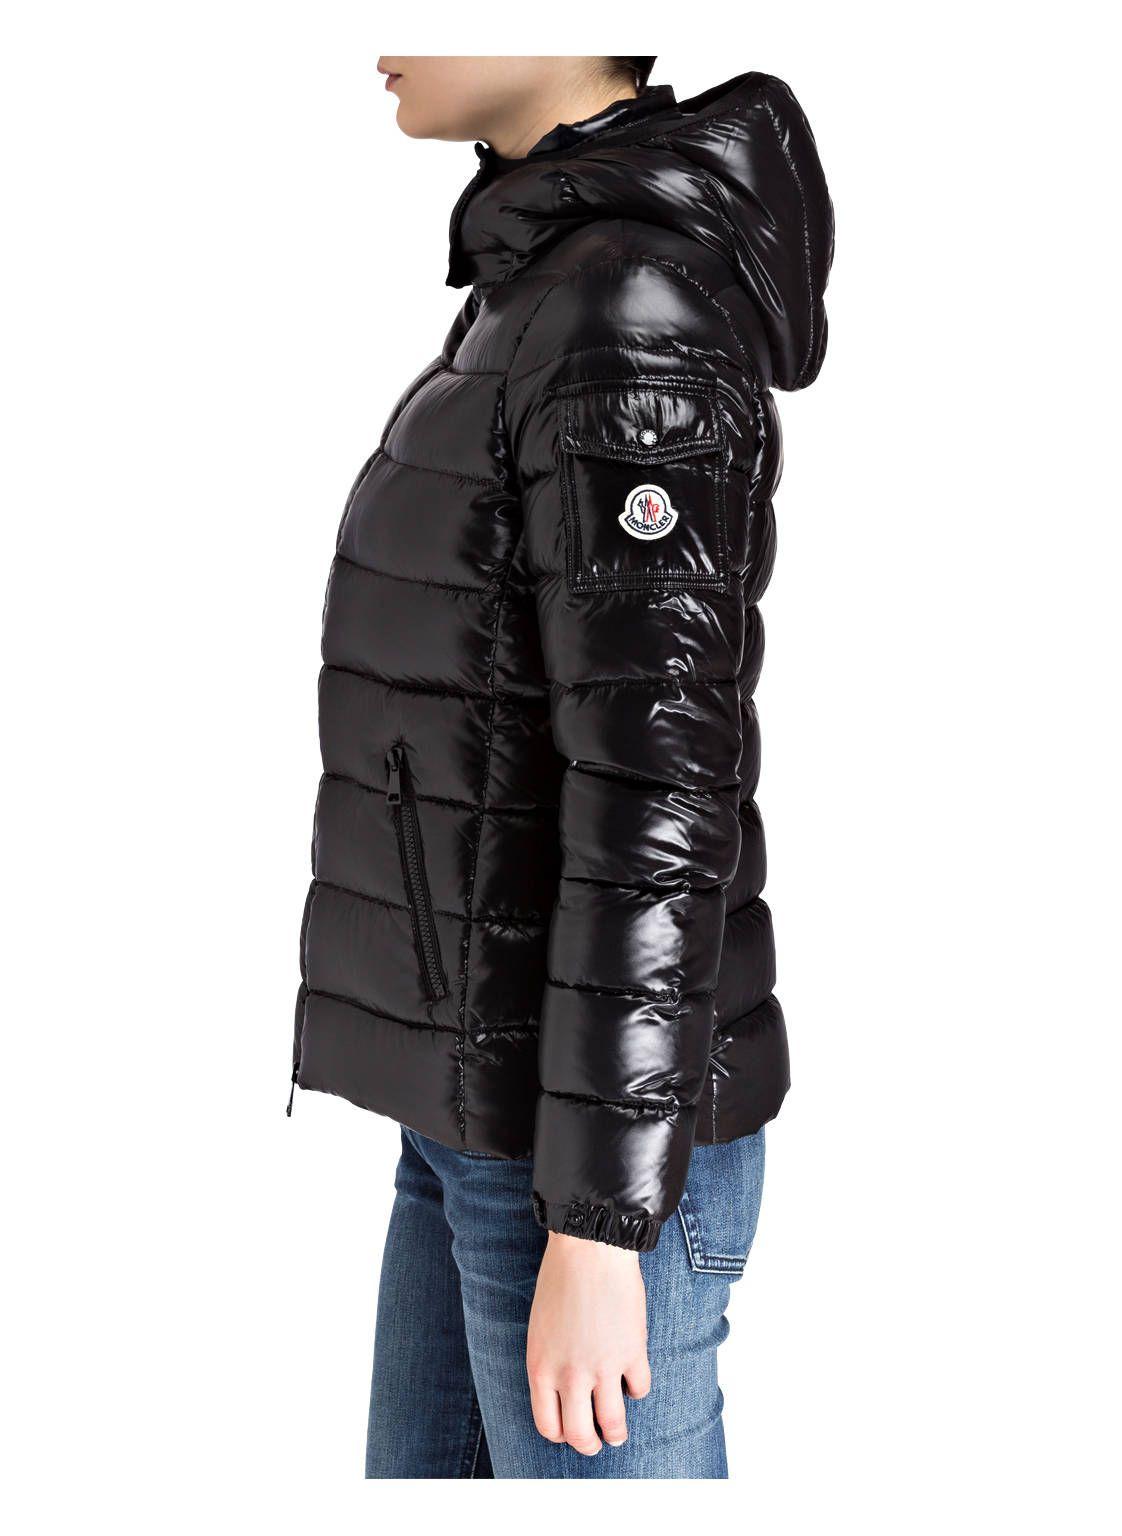 Daunenjacke BADY von MONCLER bei Breuninger kaufen | Jacken